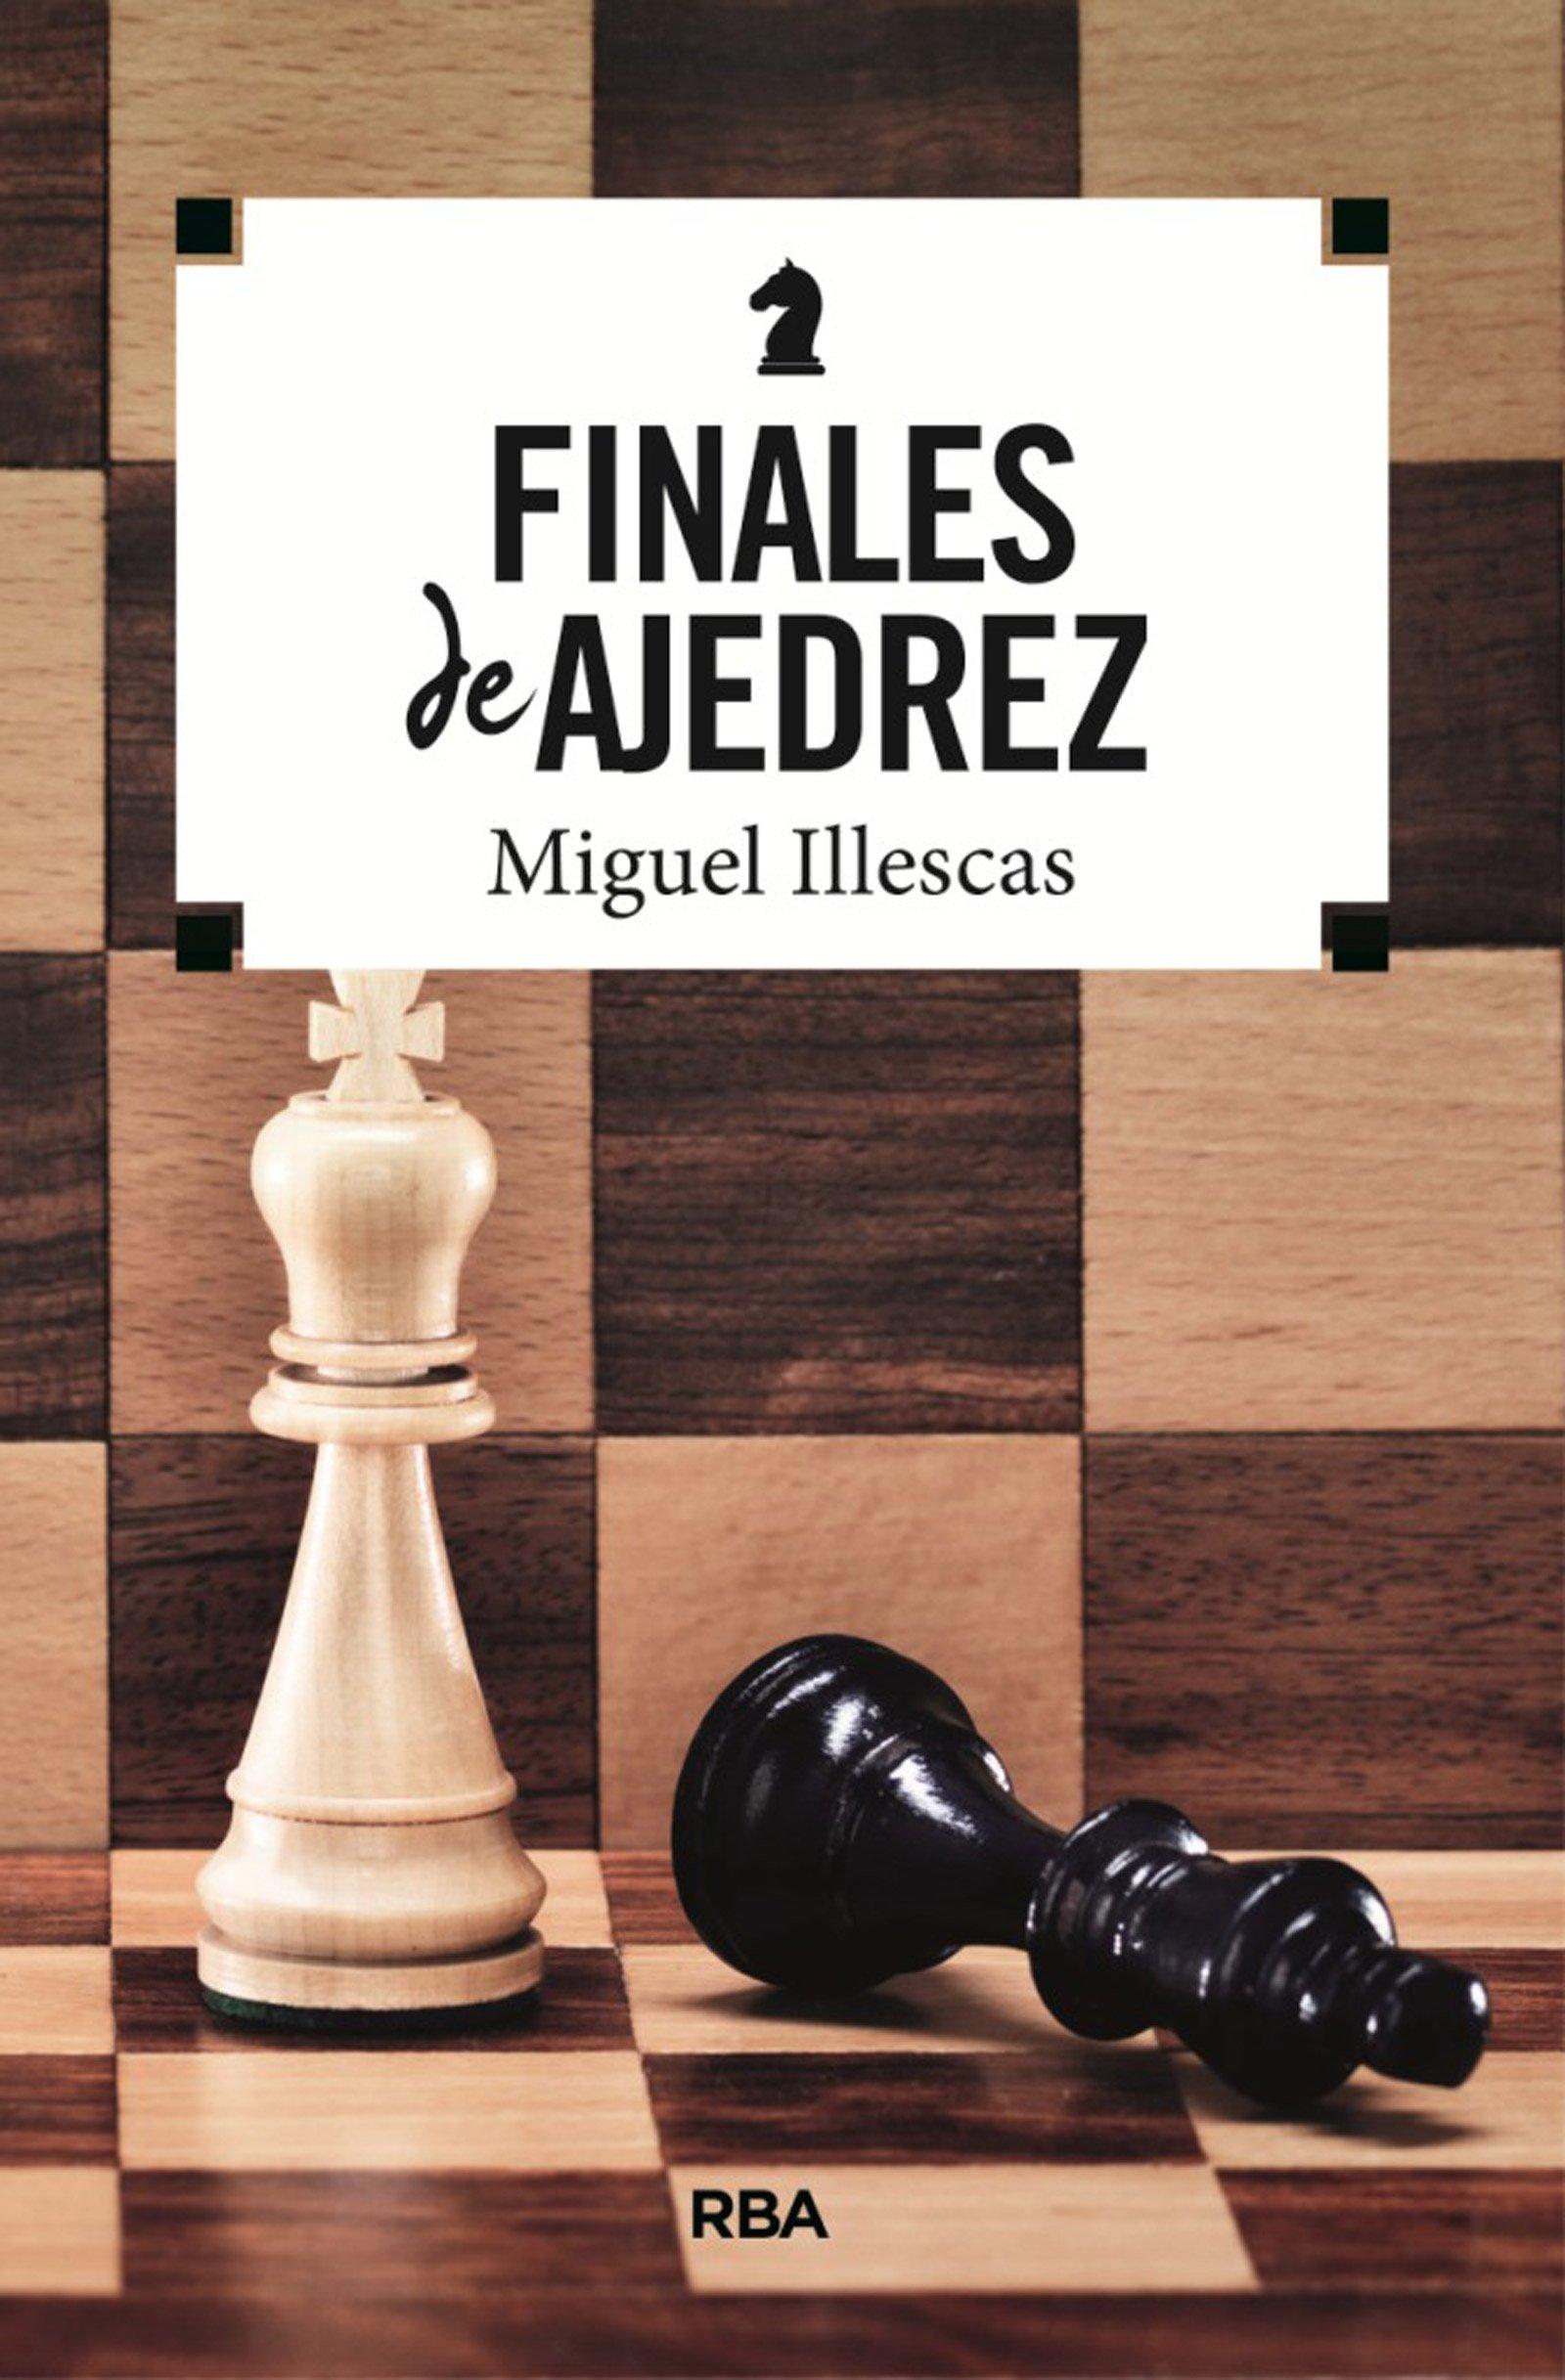 Finales de ajedrez (PRACTICA): Amazon.es: Miguel Illescas Córdoba: Libros